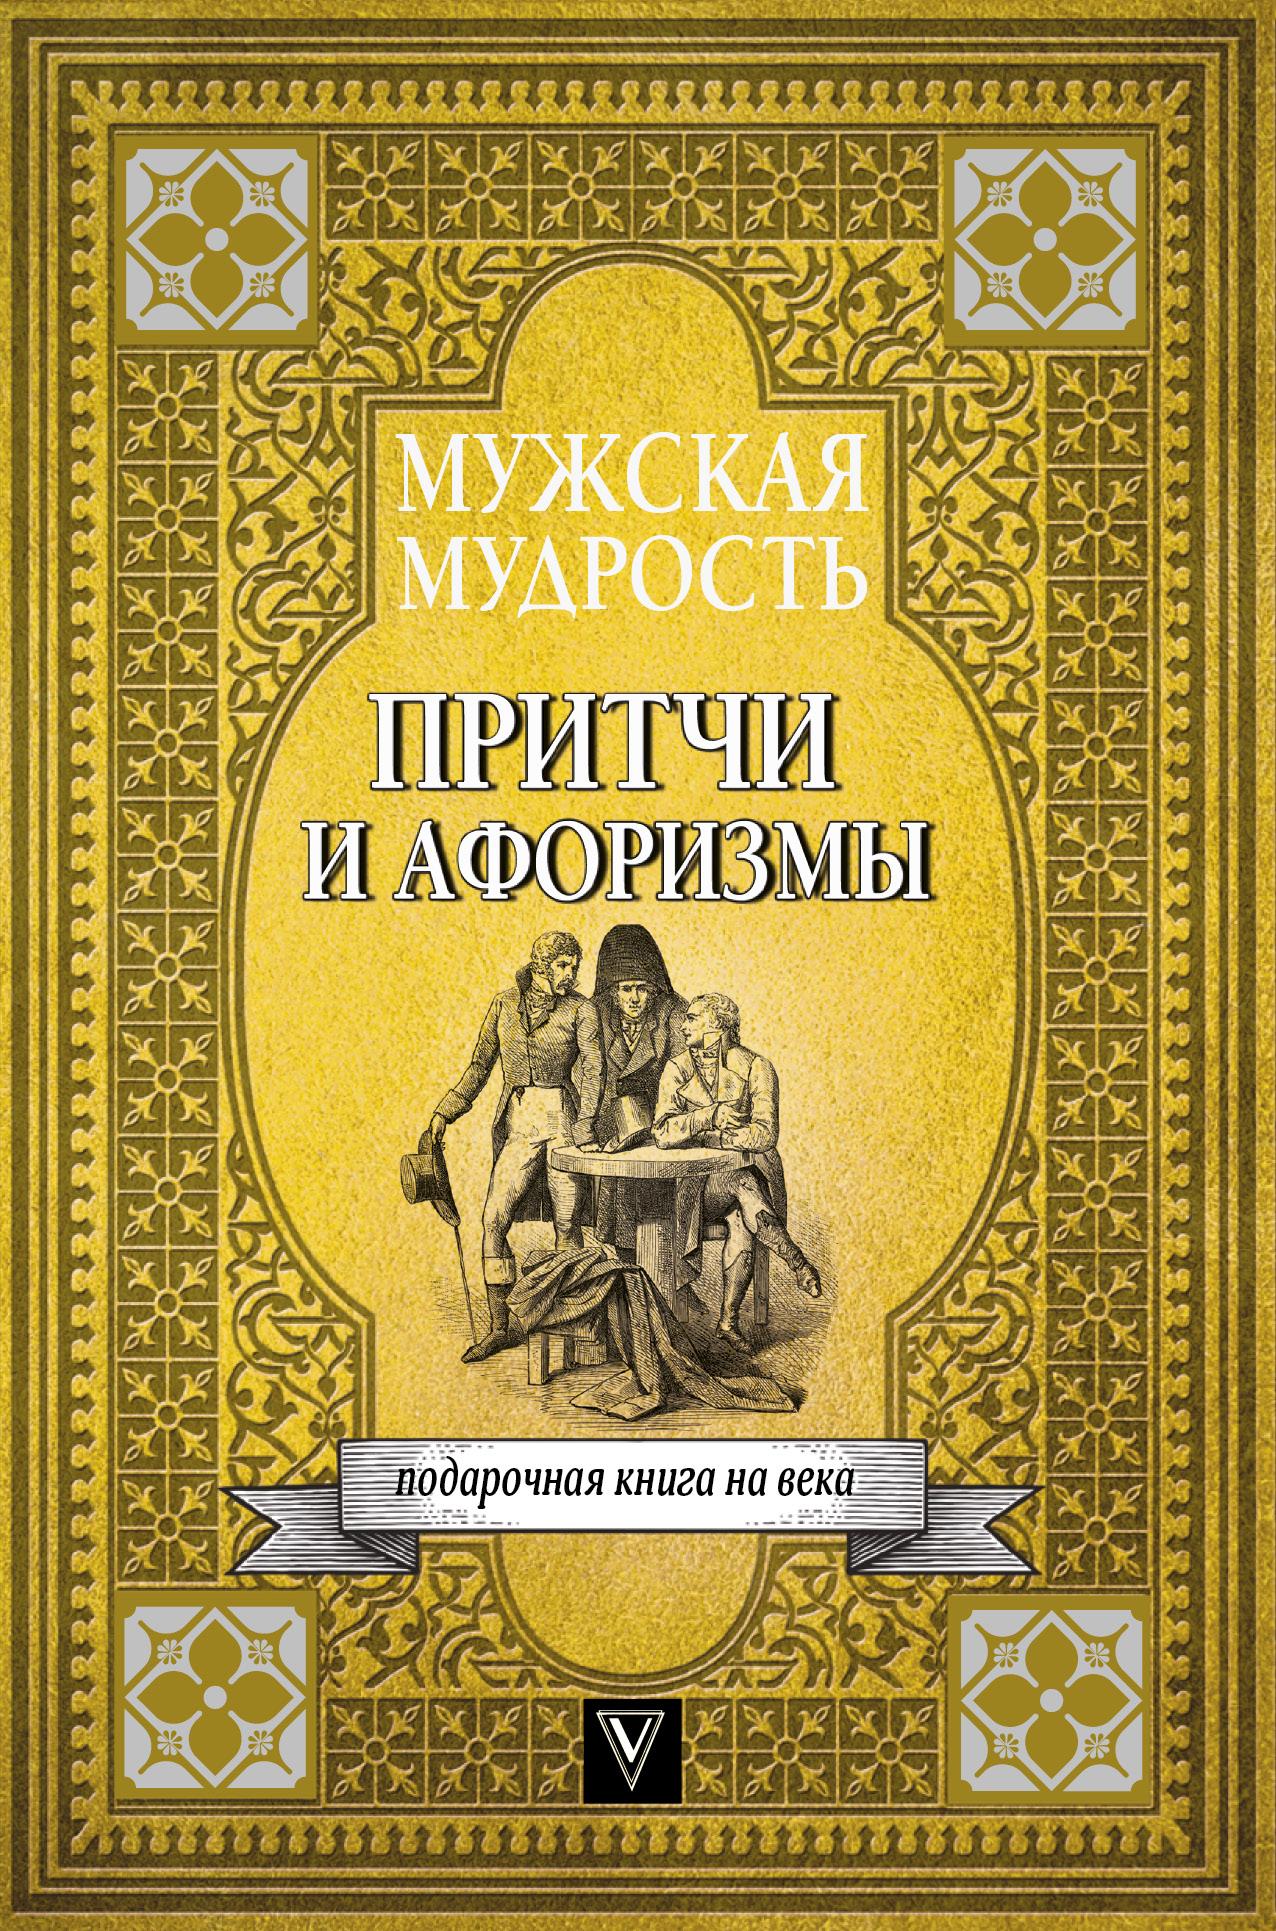 Коллектив авторов Мужская мудрость в притчах и афоризмах самых выдающихся и великих личностей мировой истории